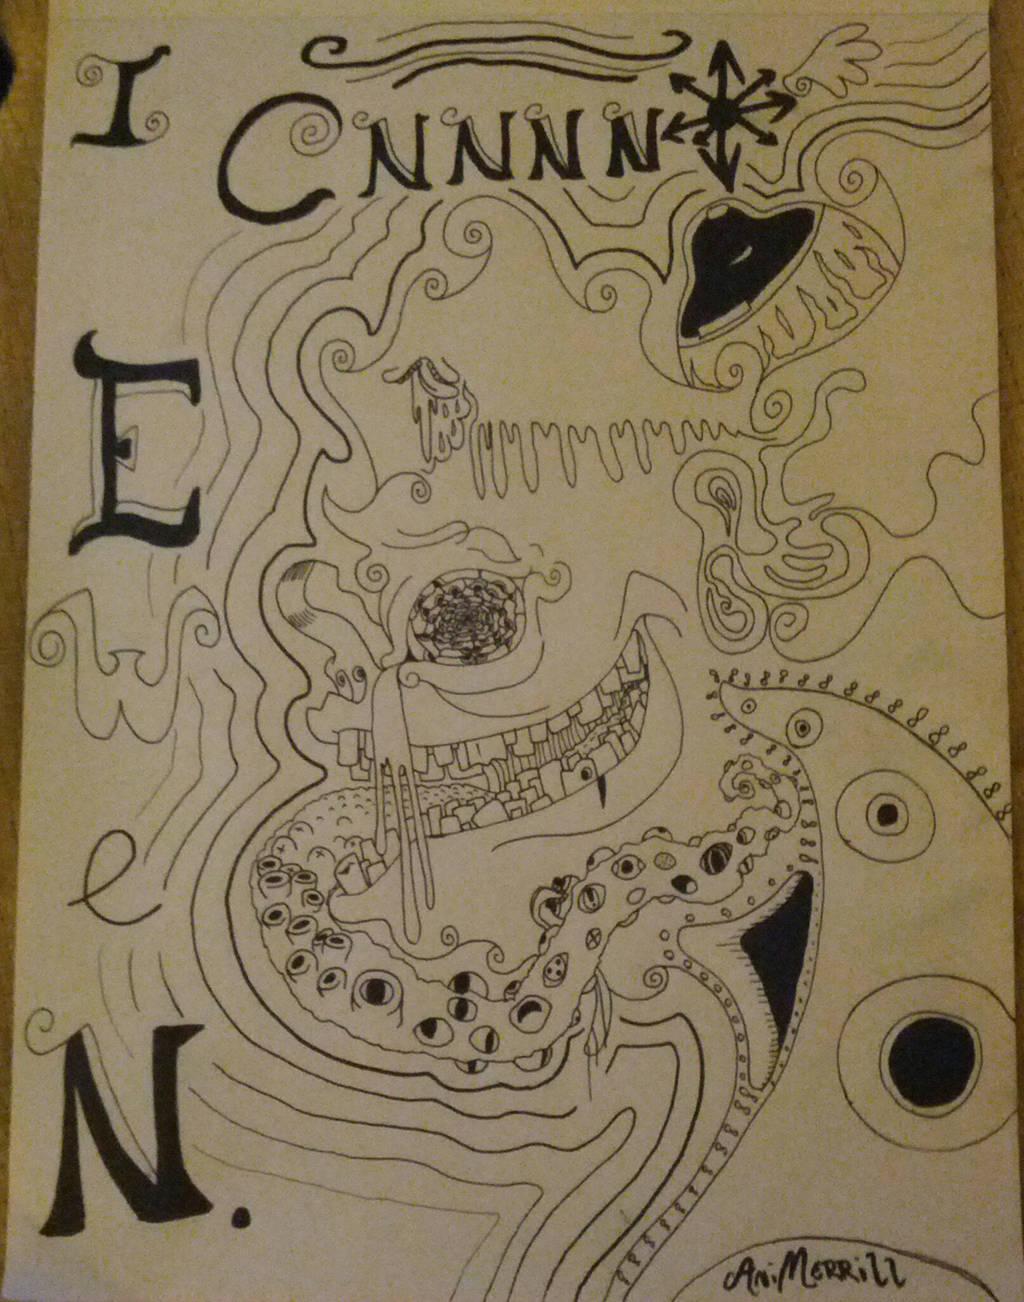 I CNNNNT EWEN by AniMerrill